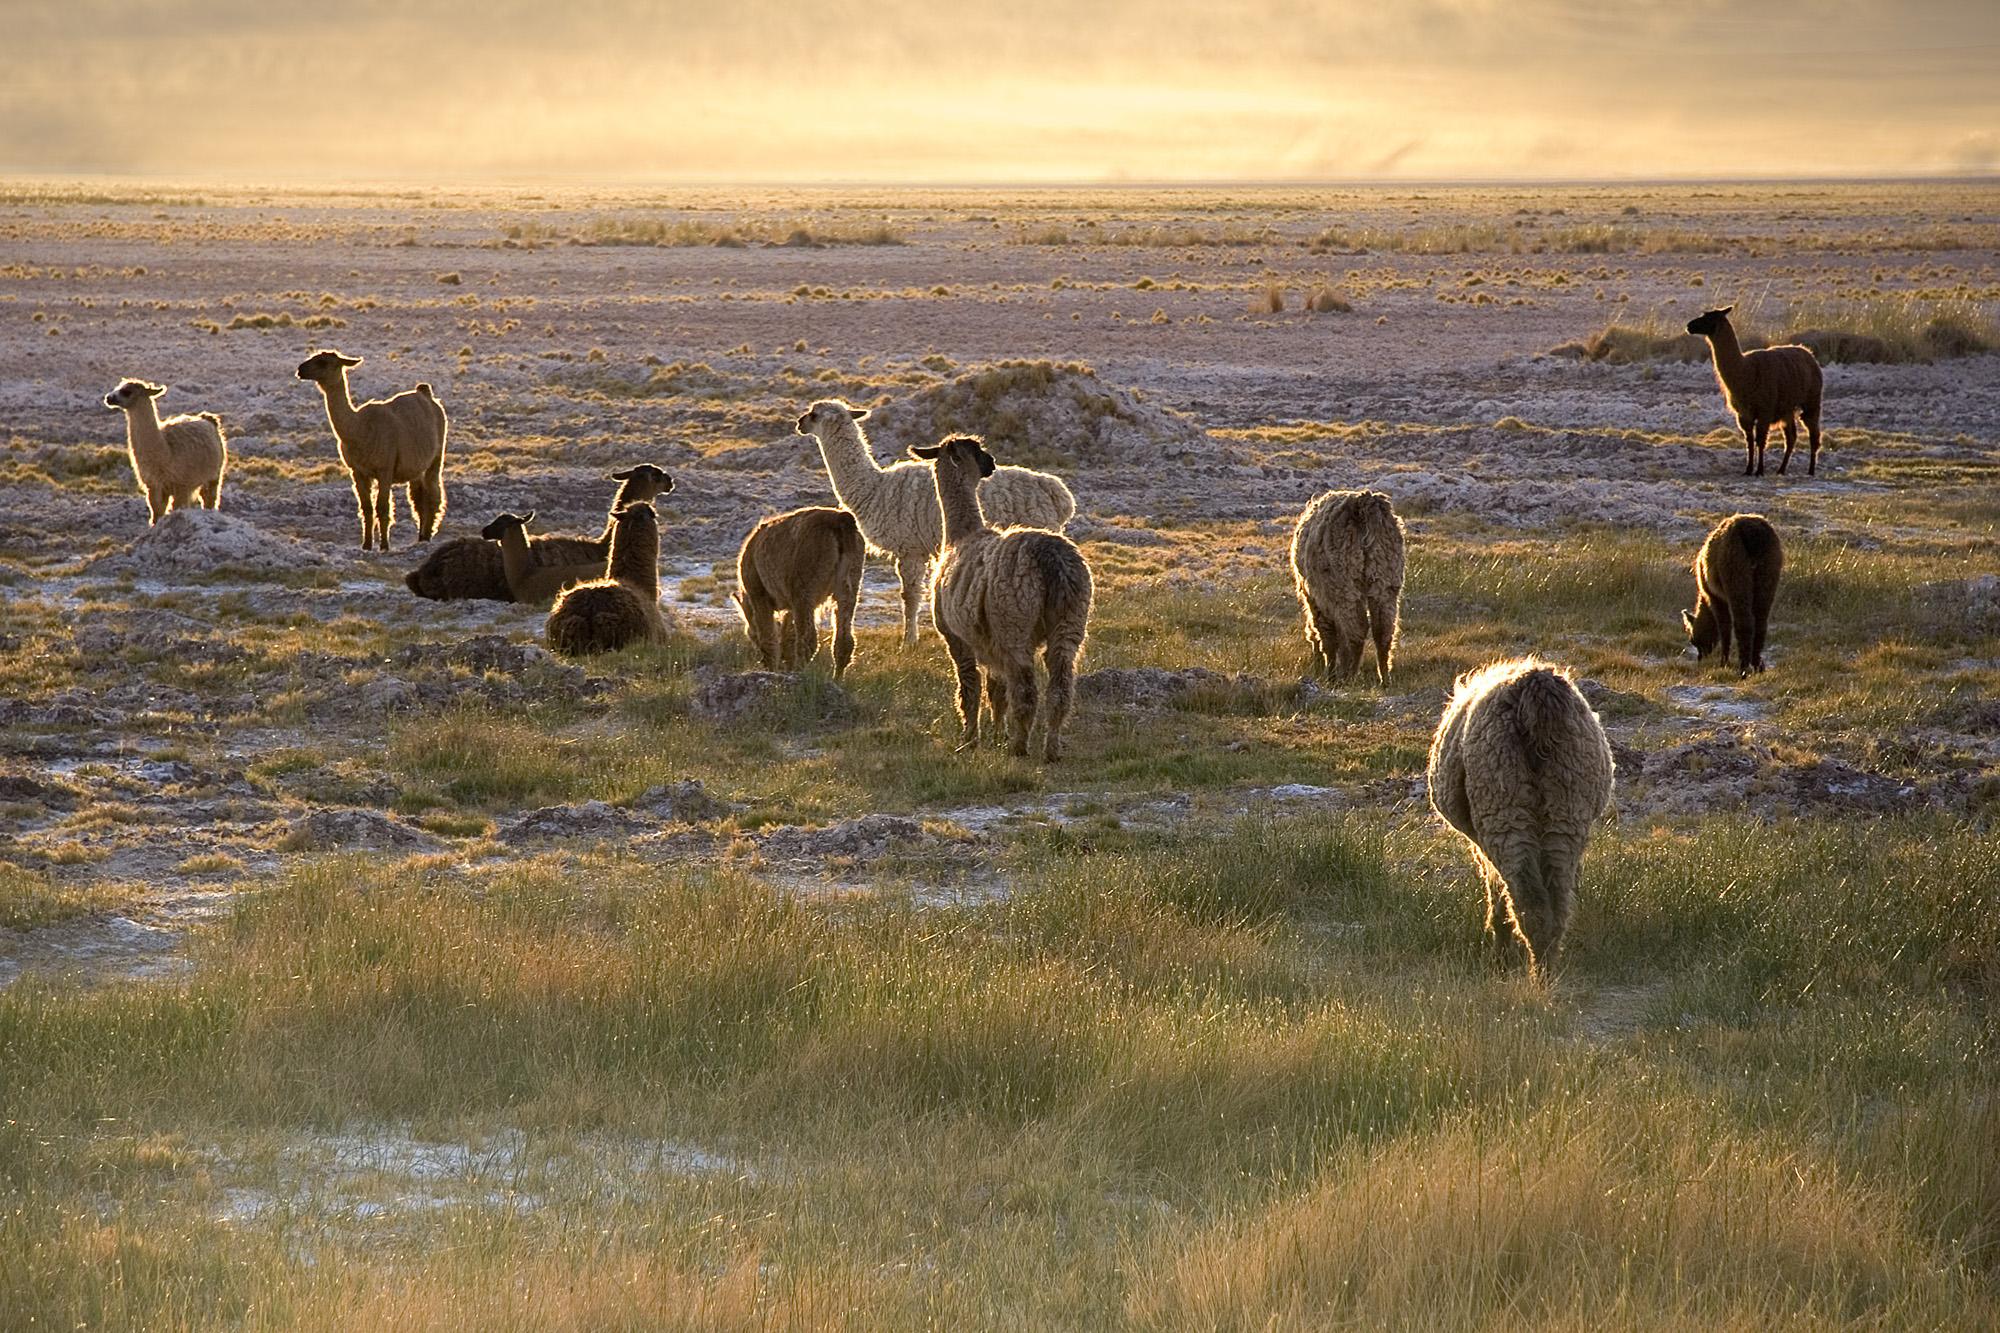 Llamas en el desierto de Atacama, norte de Chile. Autor, Luca Galuzzi